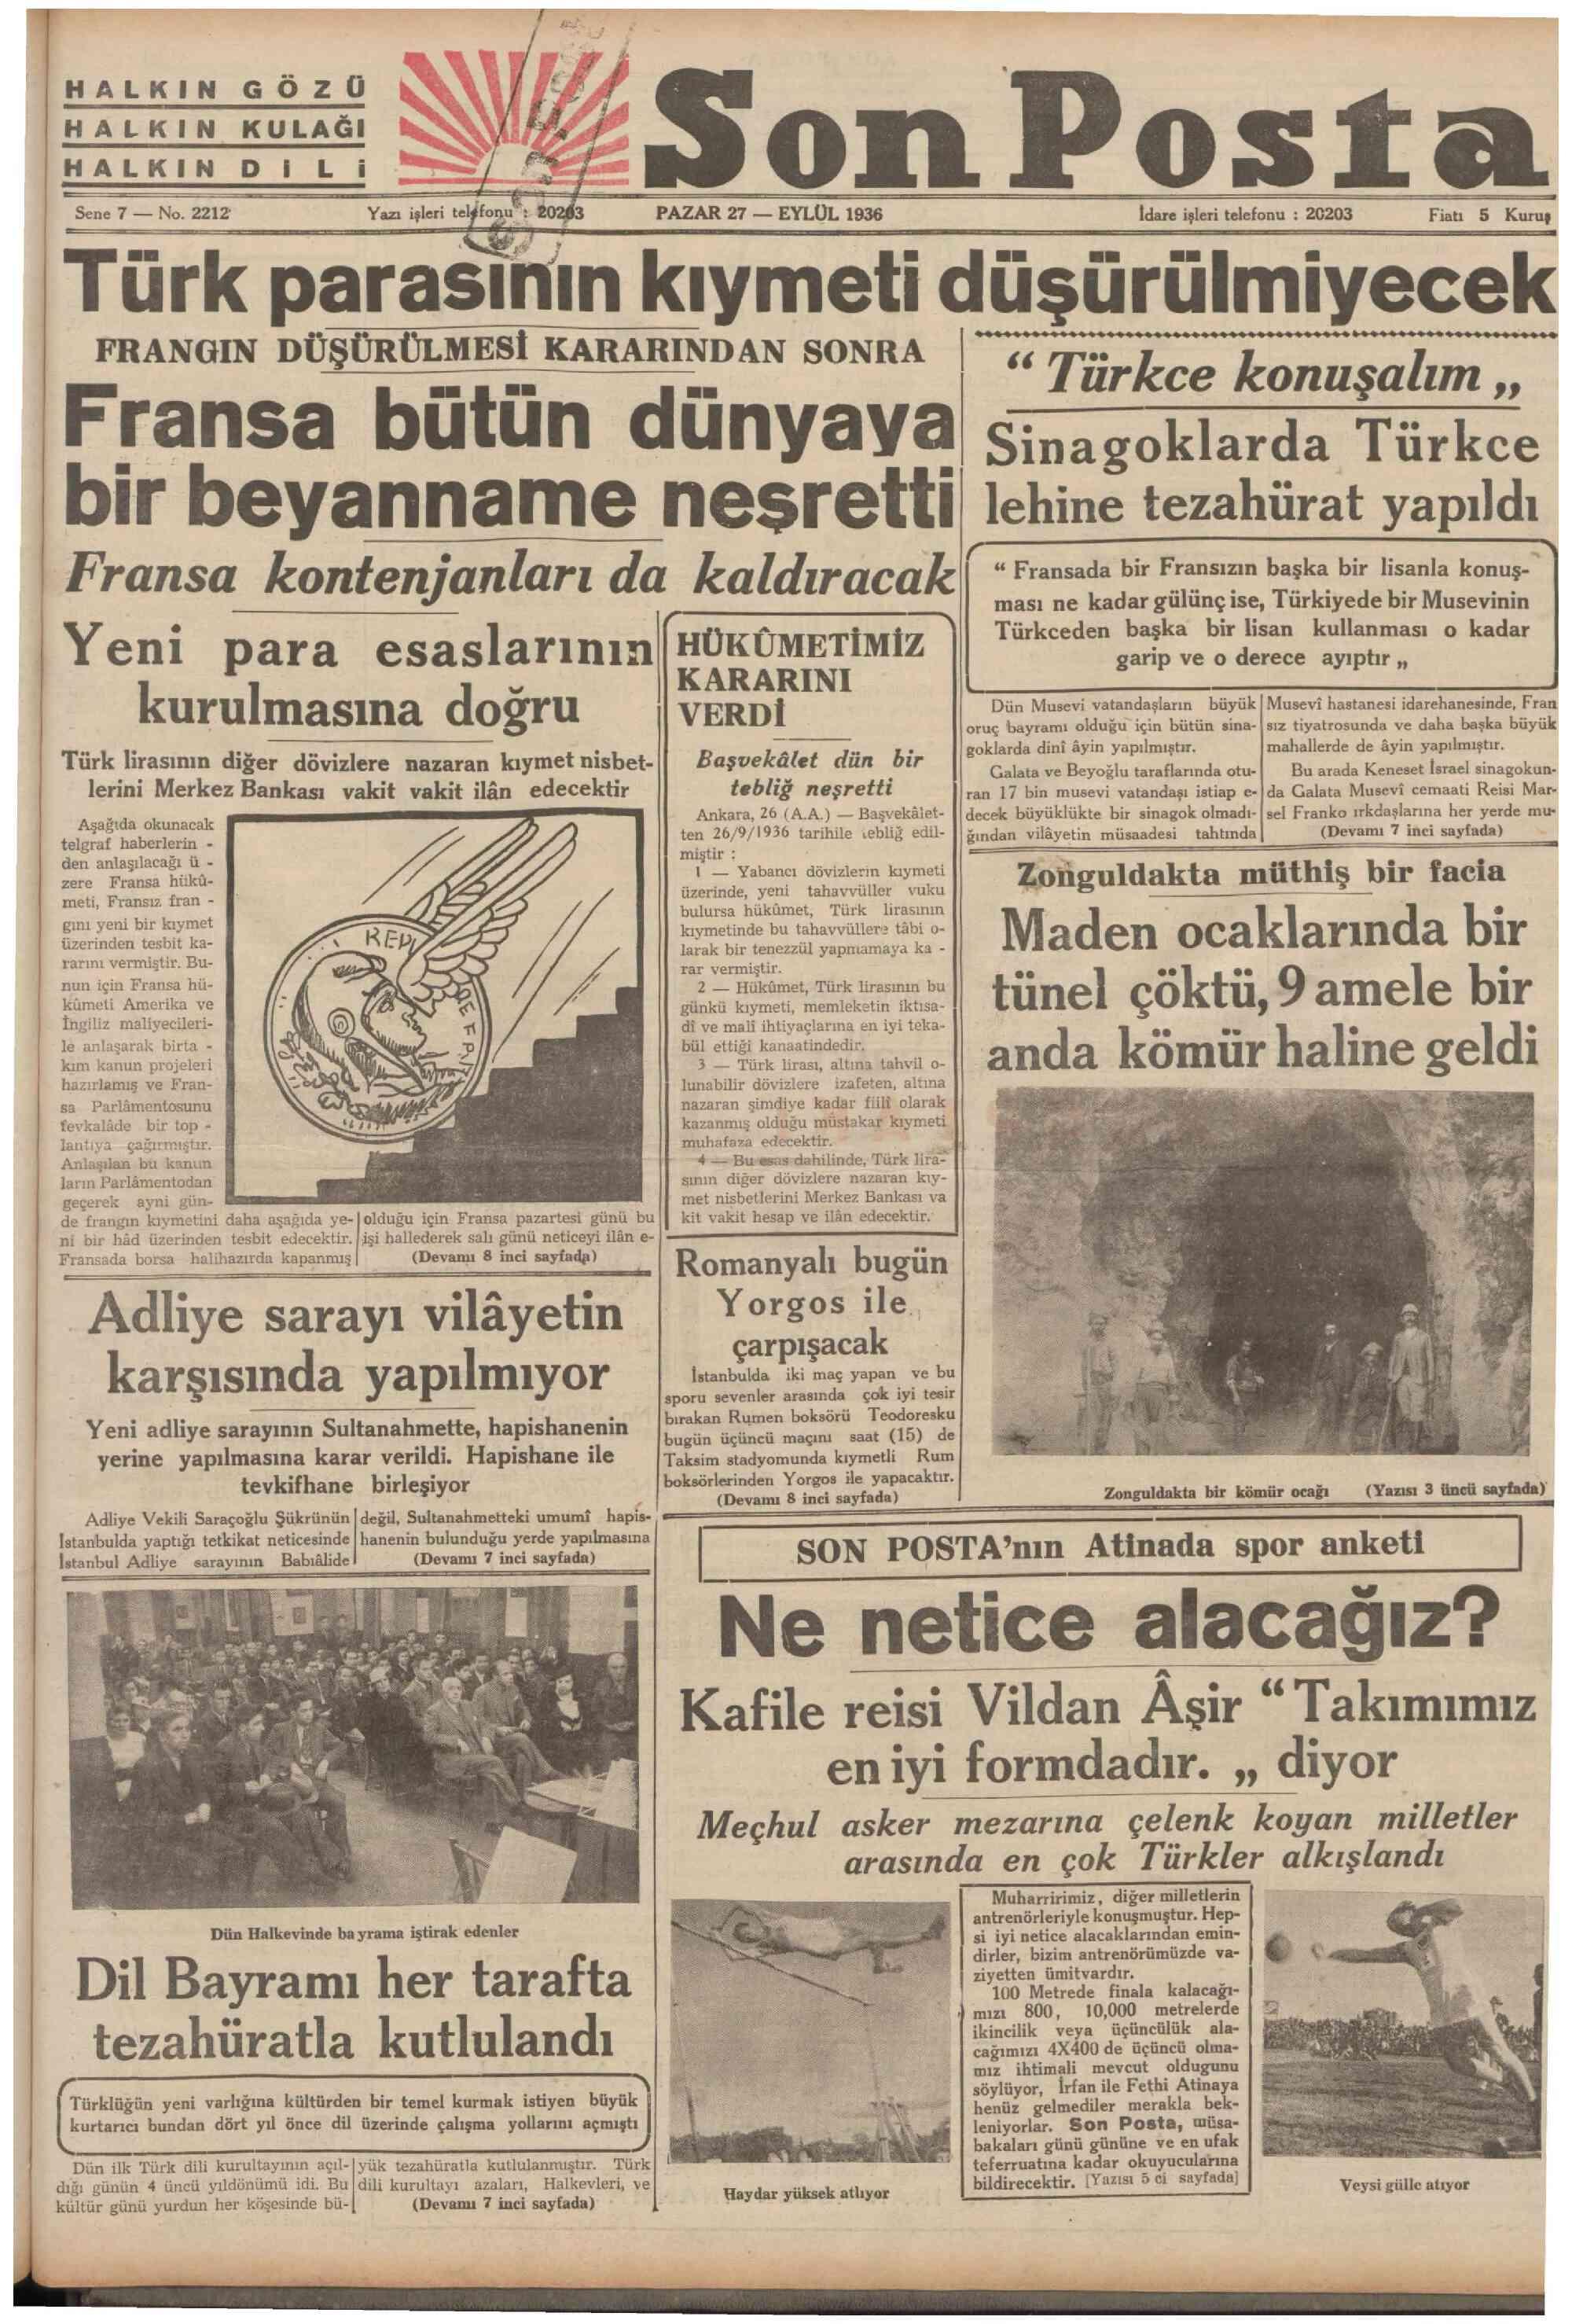 27 Eylül 1936 Tarihli Son Posta Gazetesi Sayfa 1